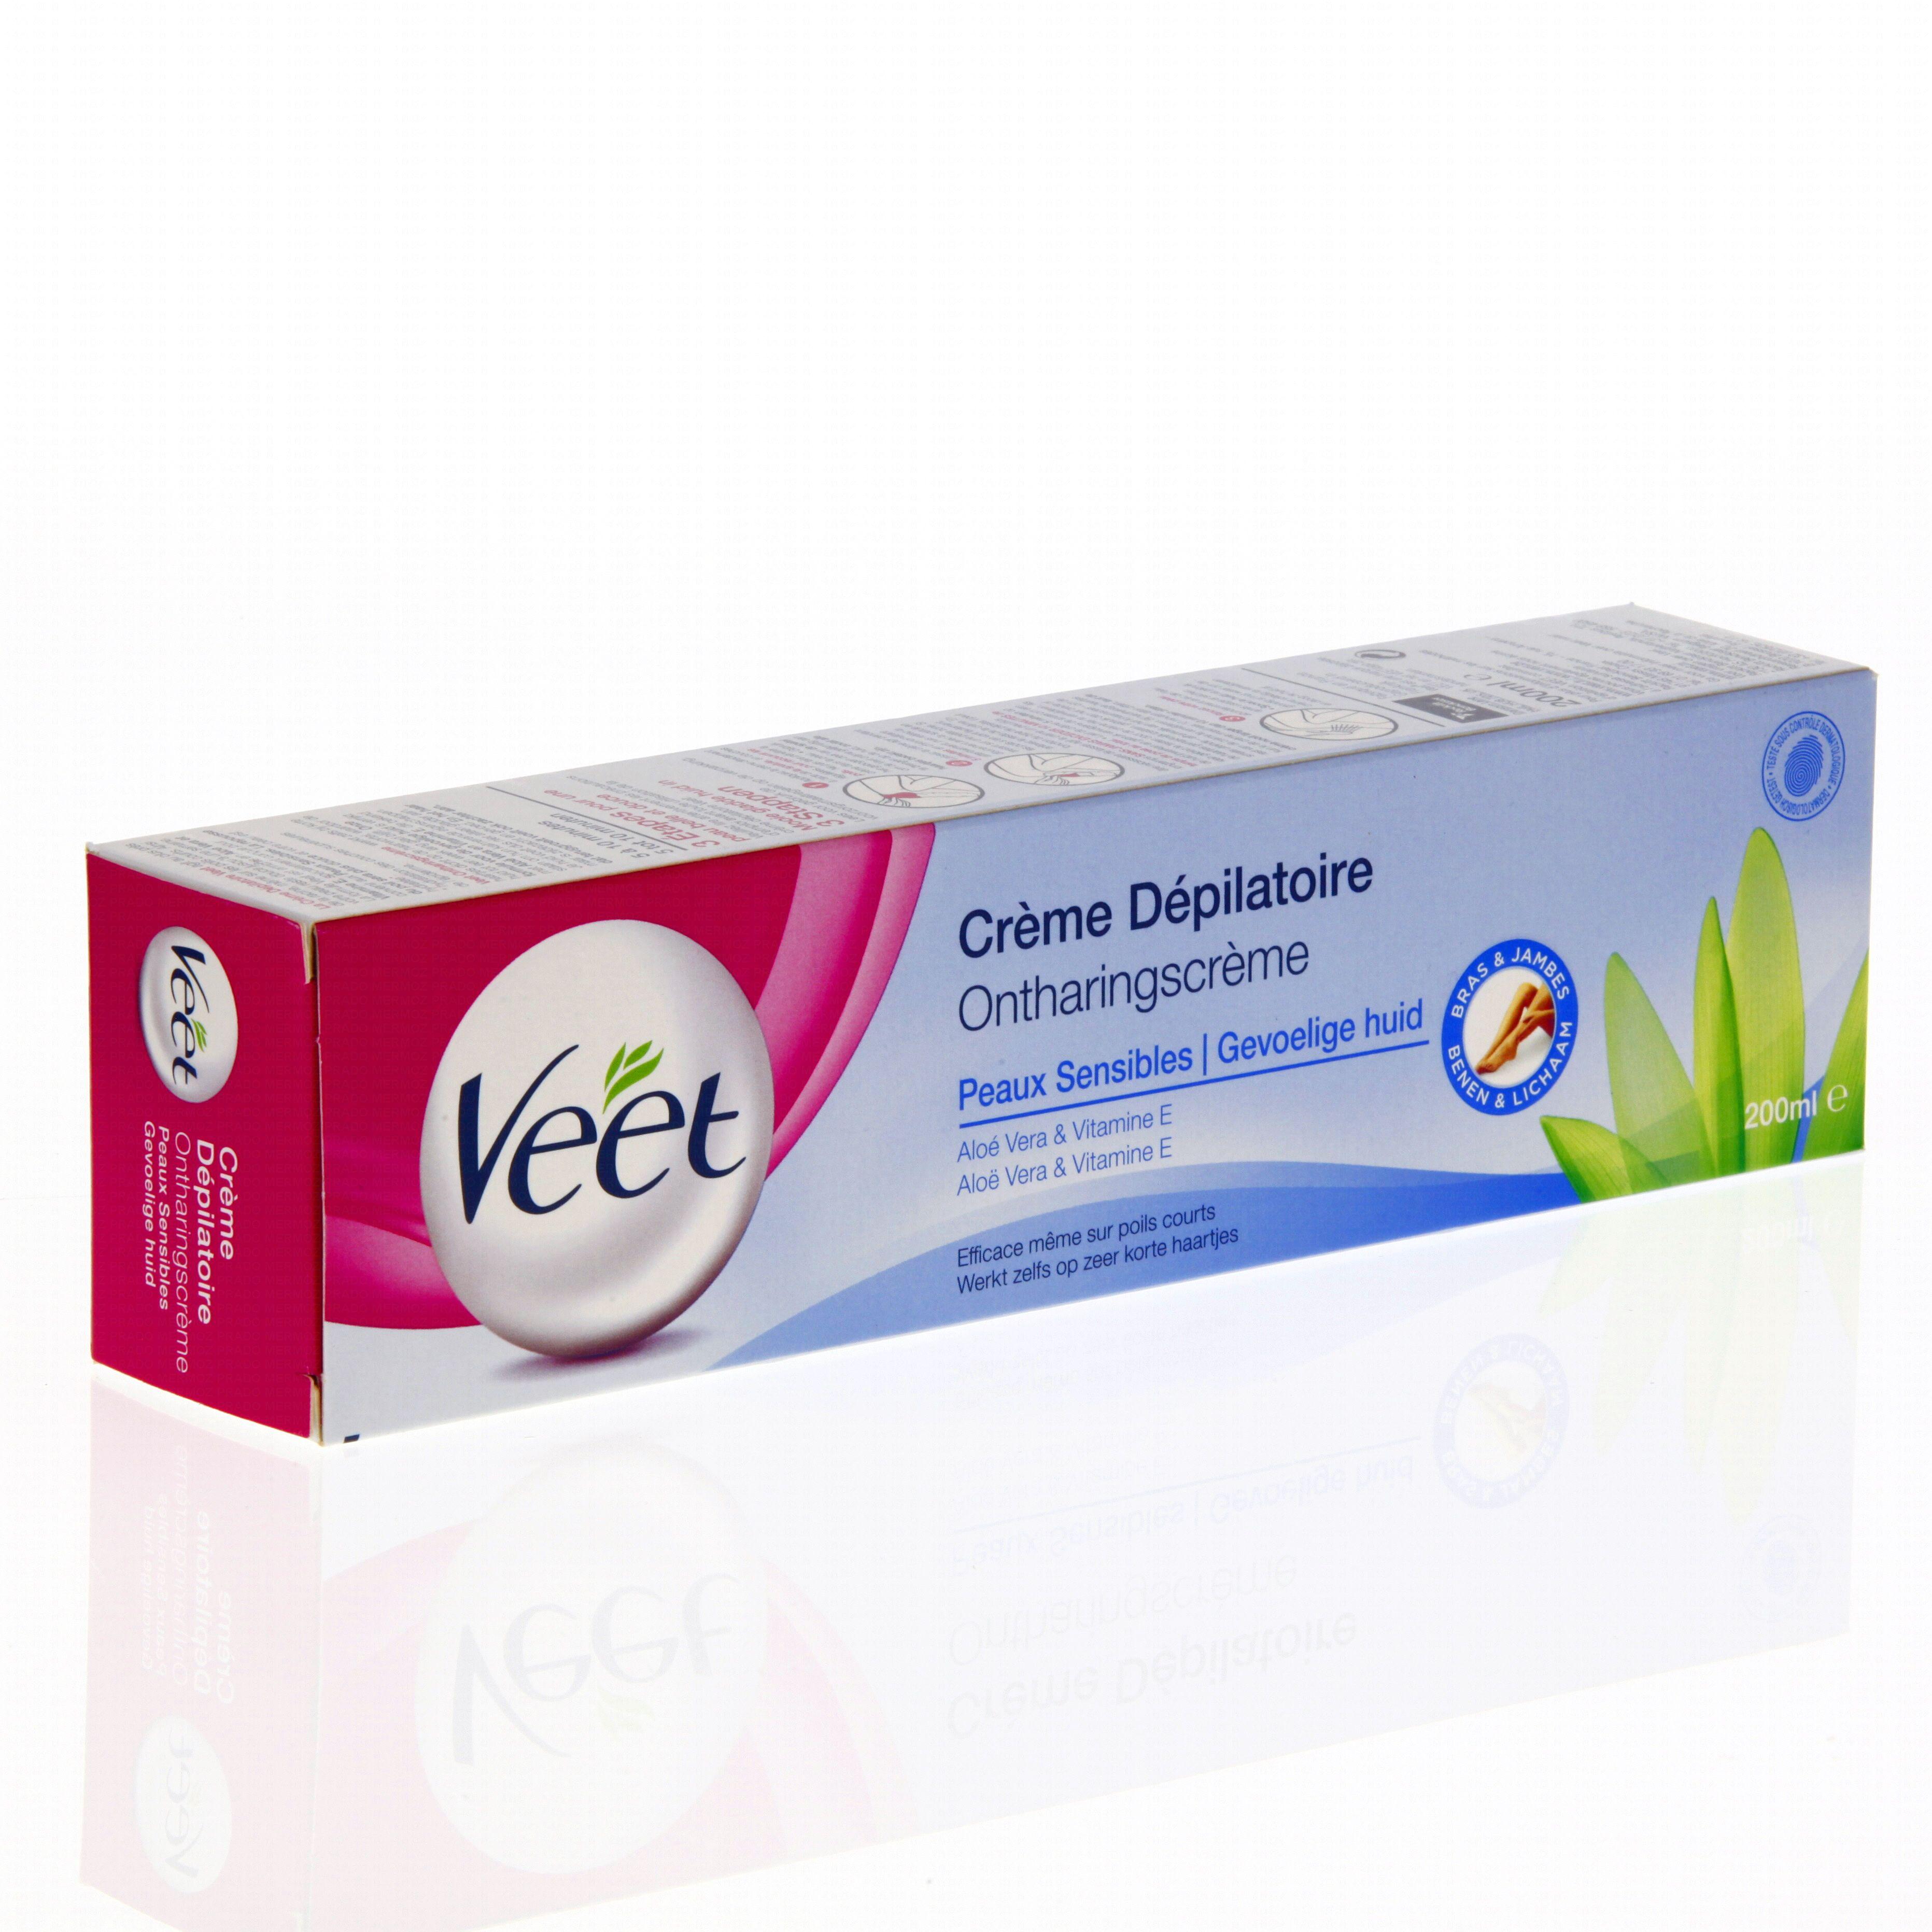 VEET Crème dépilatoire peaux sensibles tube 200ml